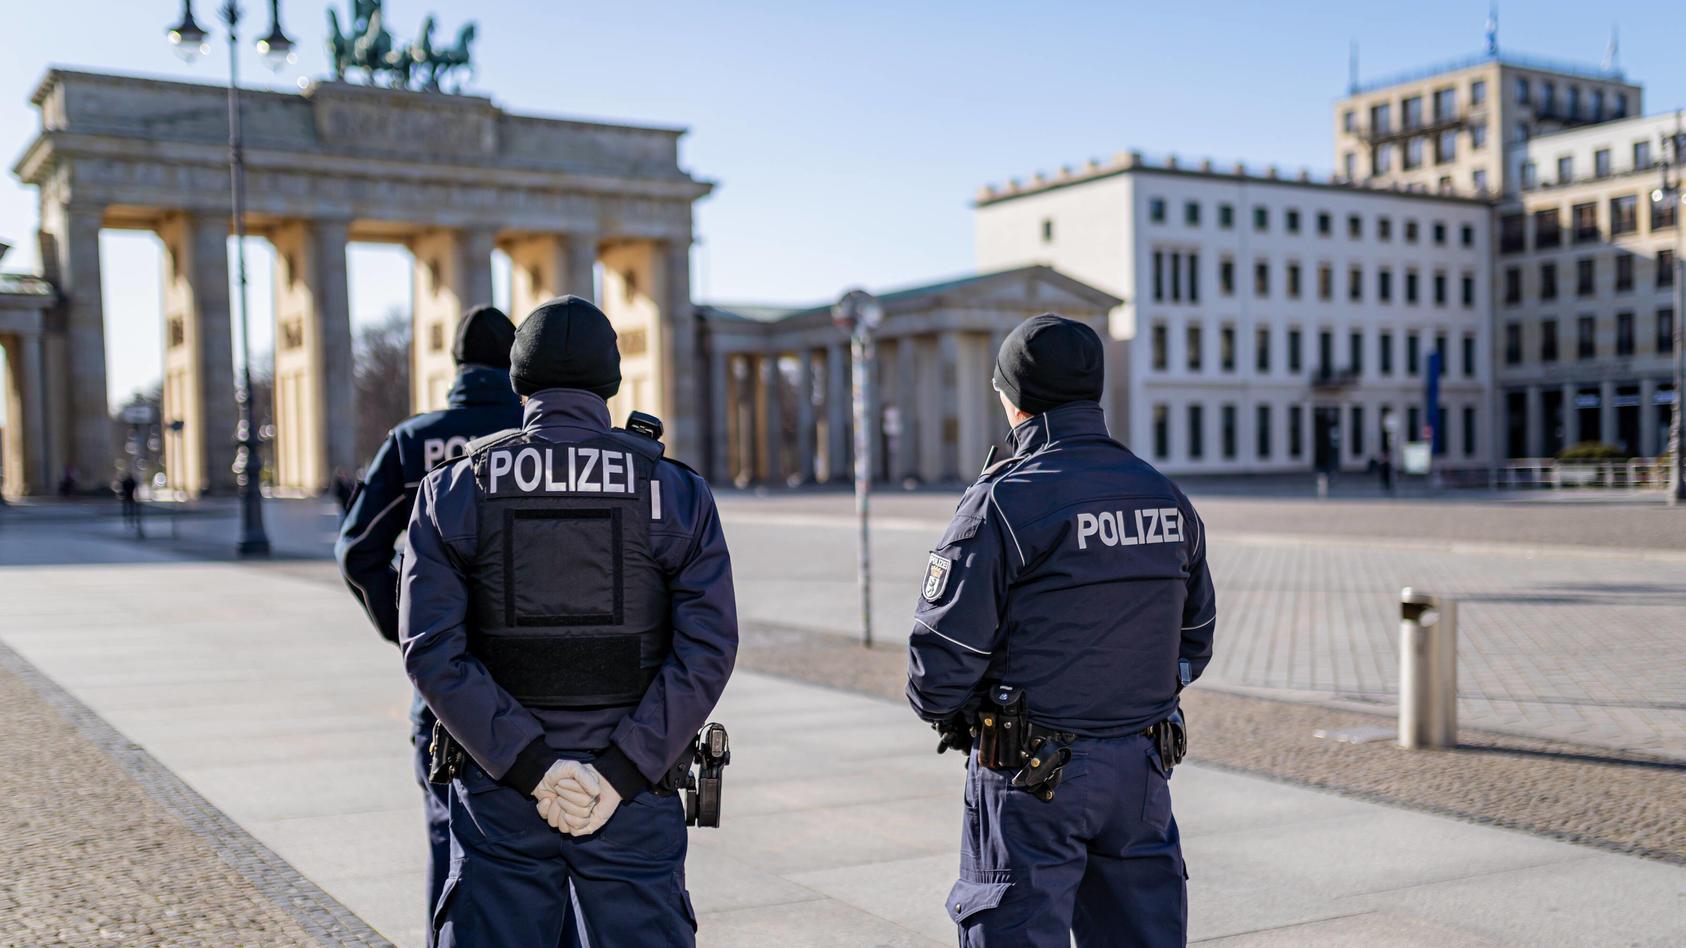 23.03.2020, Berlin, Deutschland, GER - Impressionen aus Berlin während der Ausgangsbeschränkung: Polizisten stehen auf